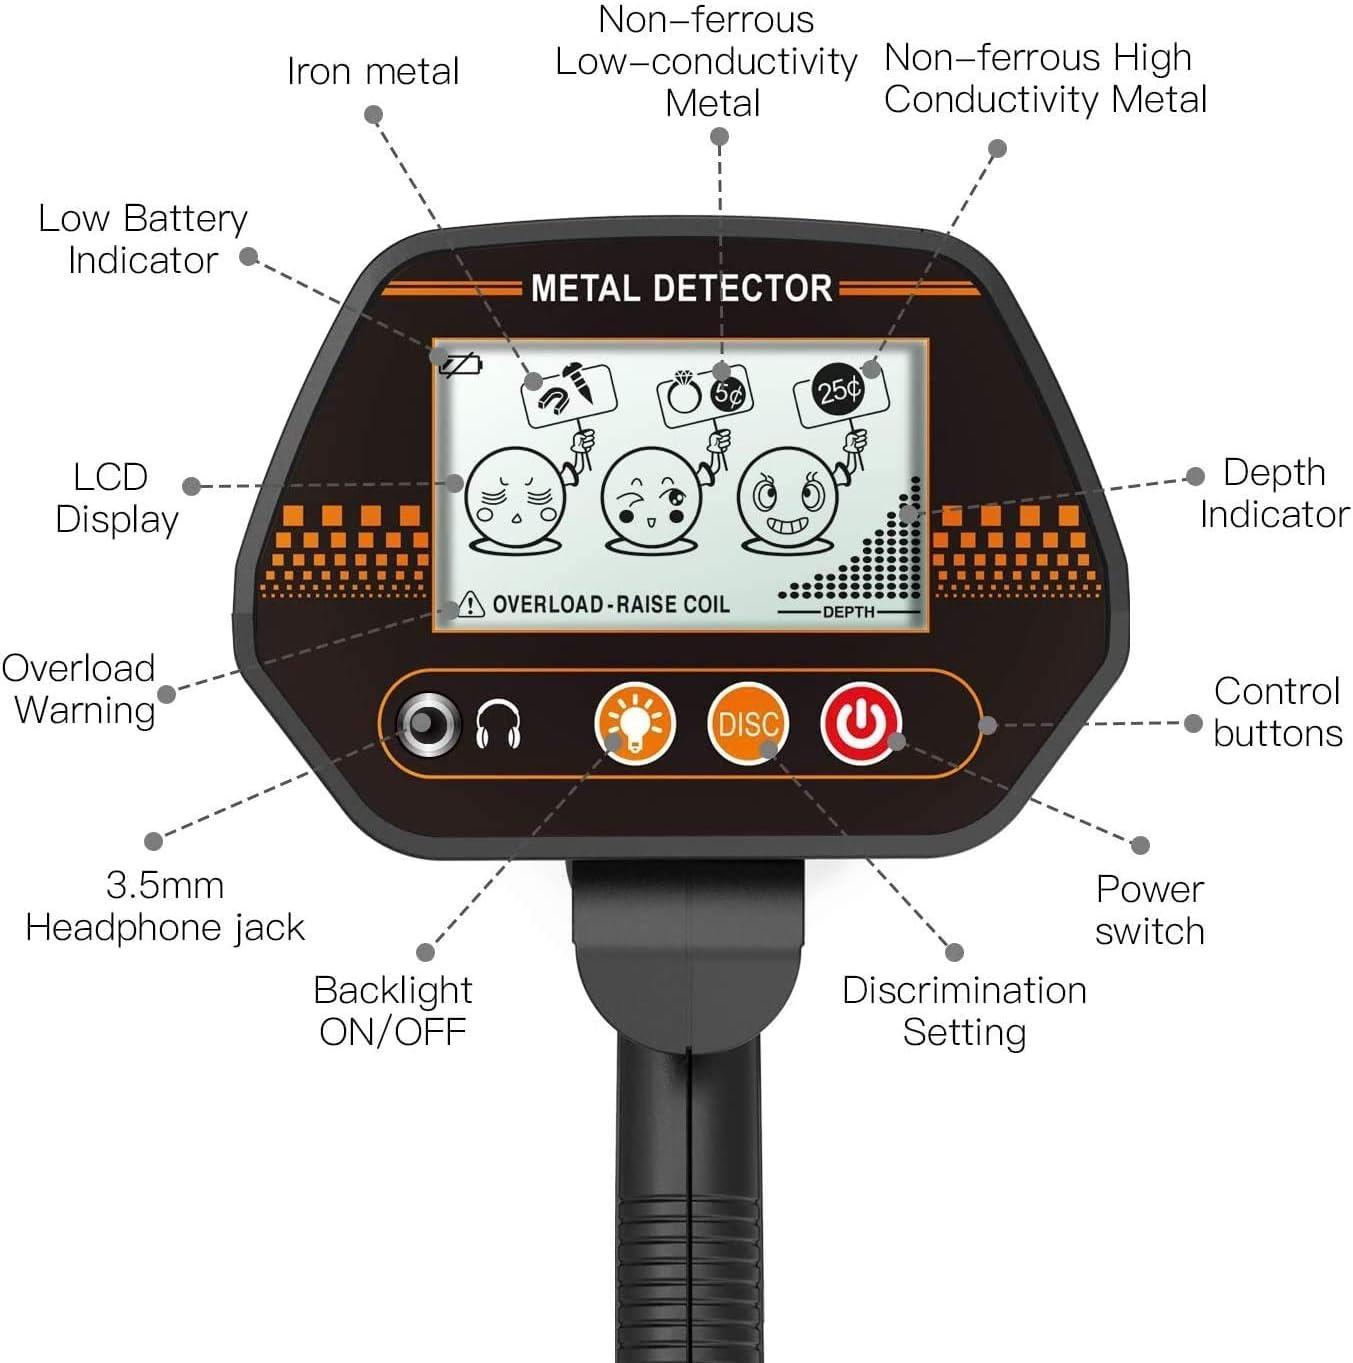 para adultos y ni/ños m/ódulos m/ódulos Tacklife MMD02 con bobina de b/úsqueda impermeable Detector de metales de metal sensible y ligero para detectar metales tesoros plata oro